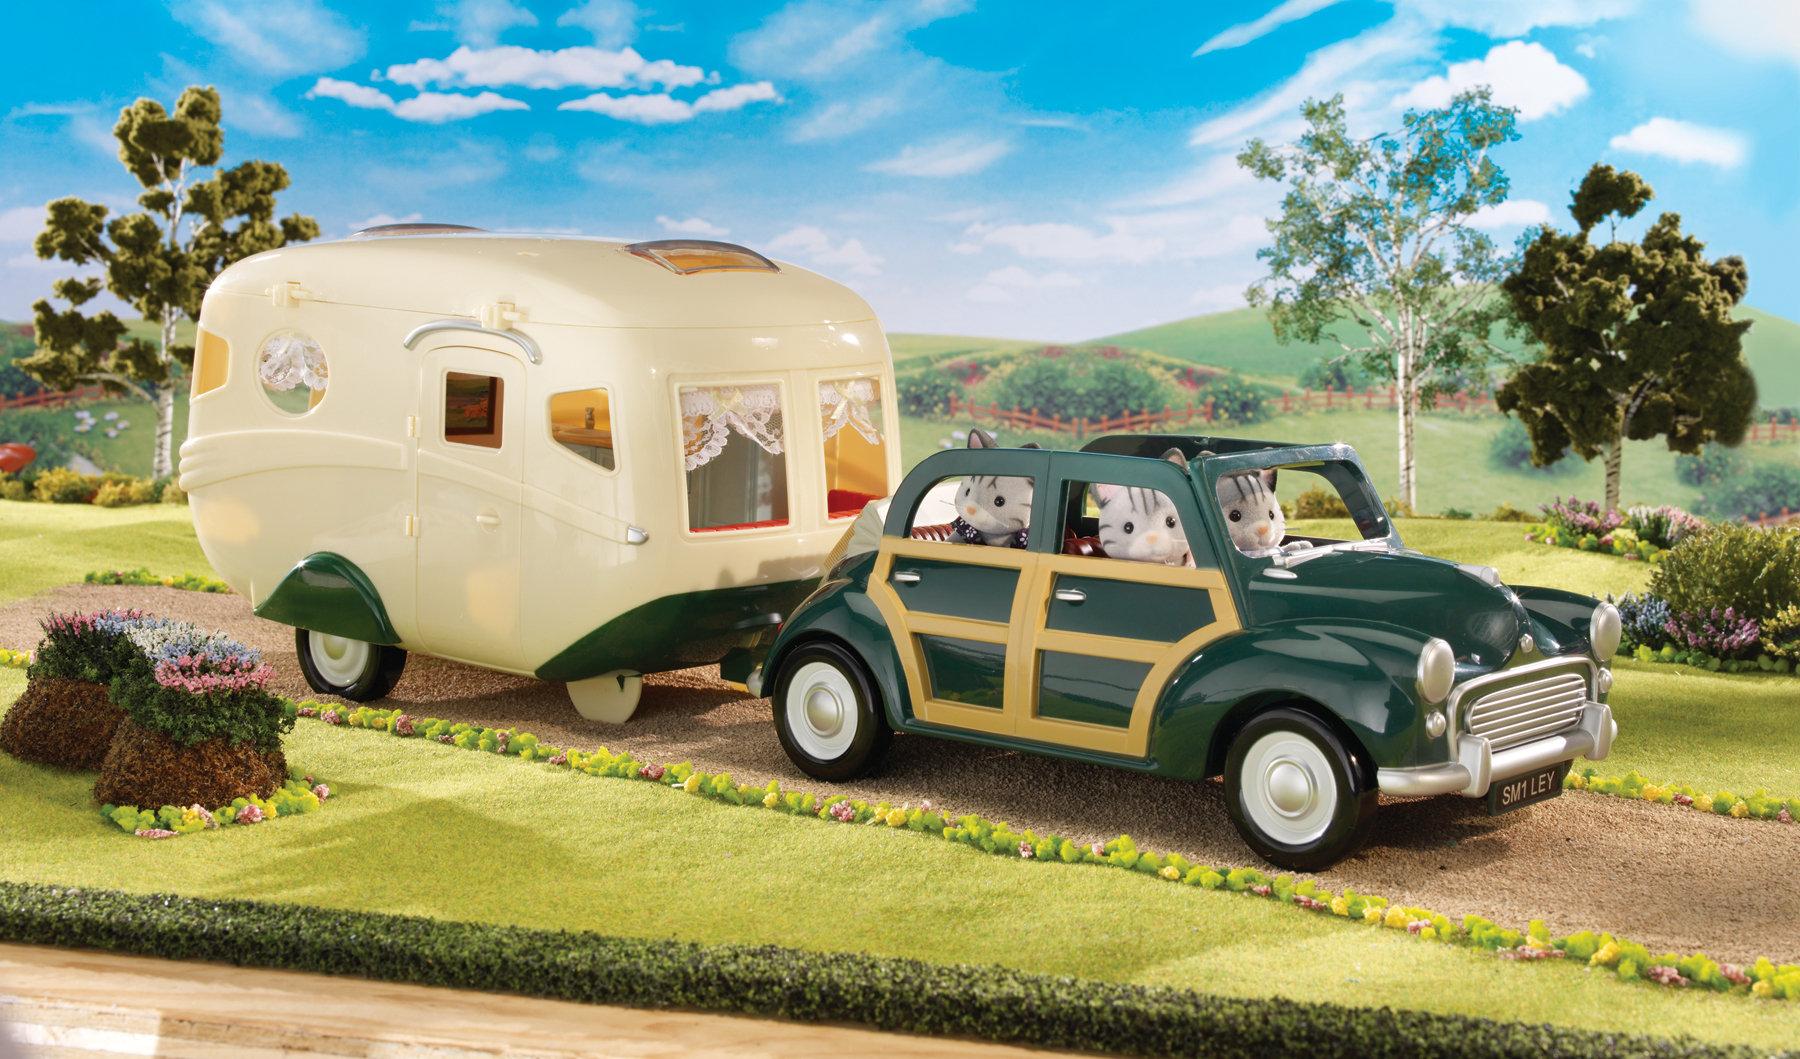 sylvanian families 2240 poup es et accessoires caravane jeux et jouets. Black Bedroom Furniture Sets. Home Design Ideas